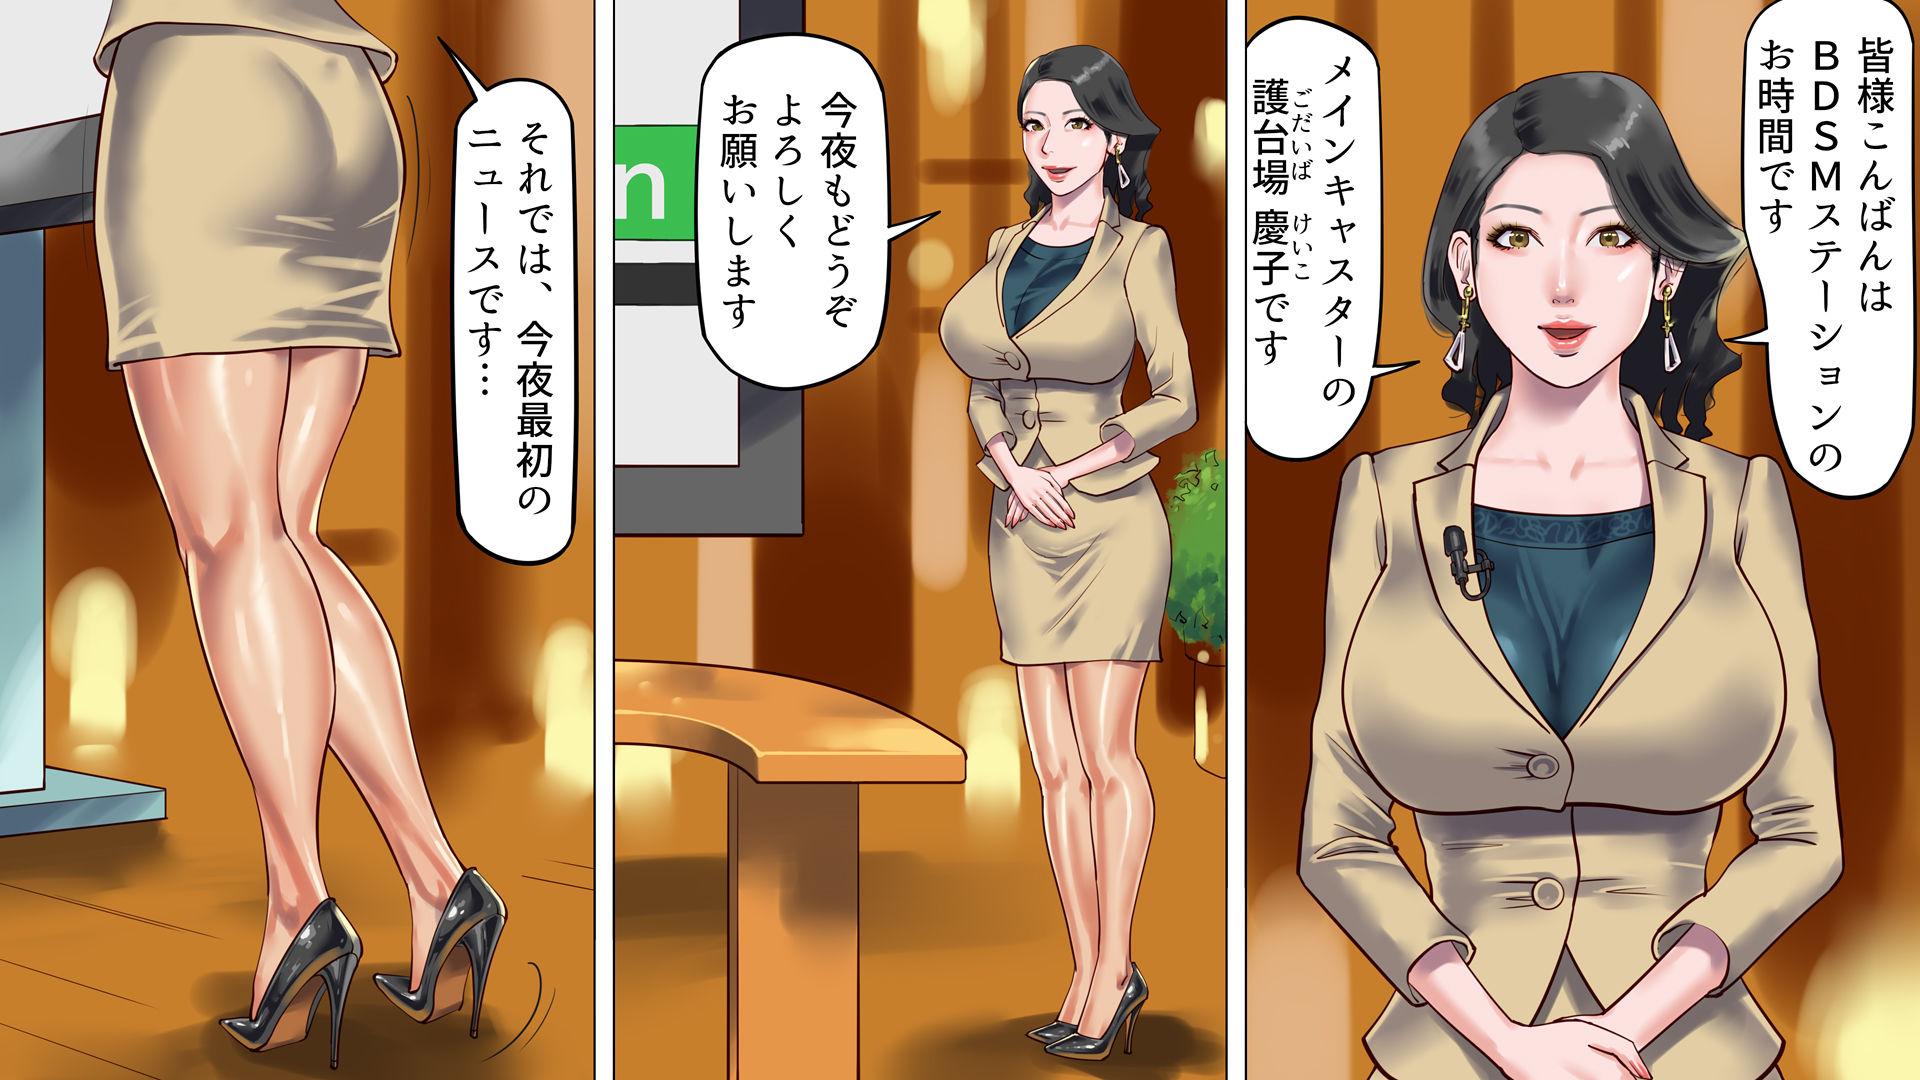 堕とされた美人キャスター・慶子 第一部 恥辱の奴●勤務編1